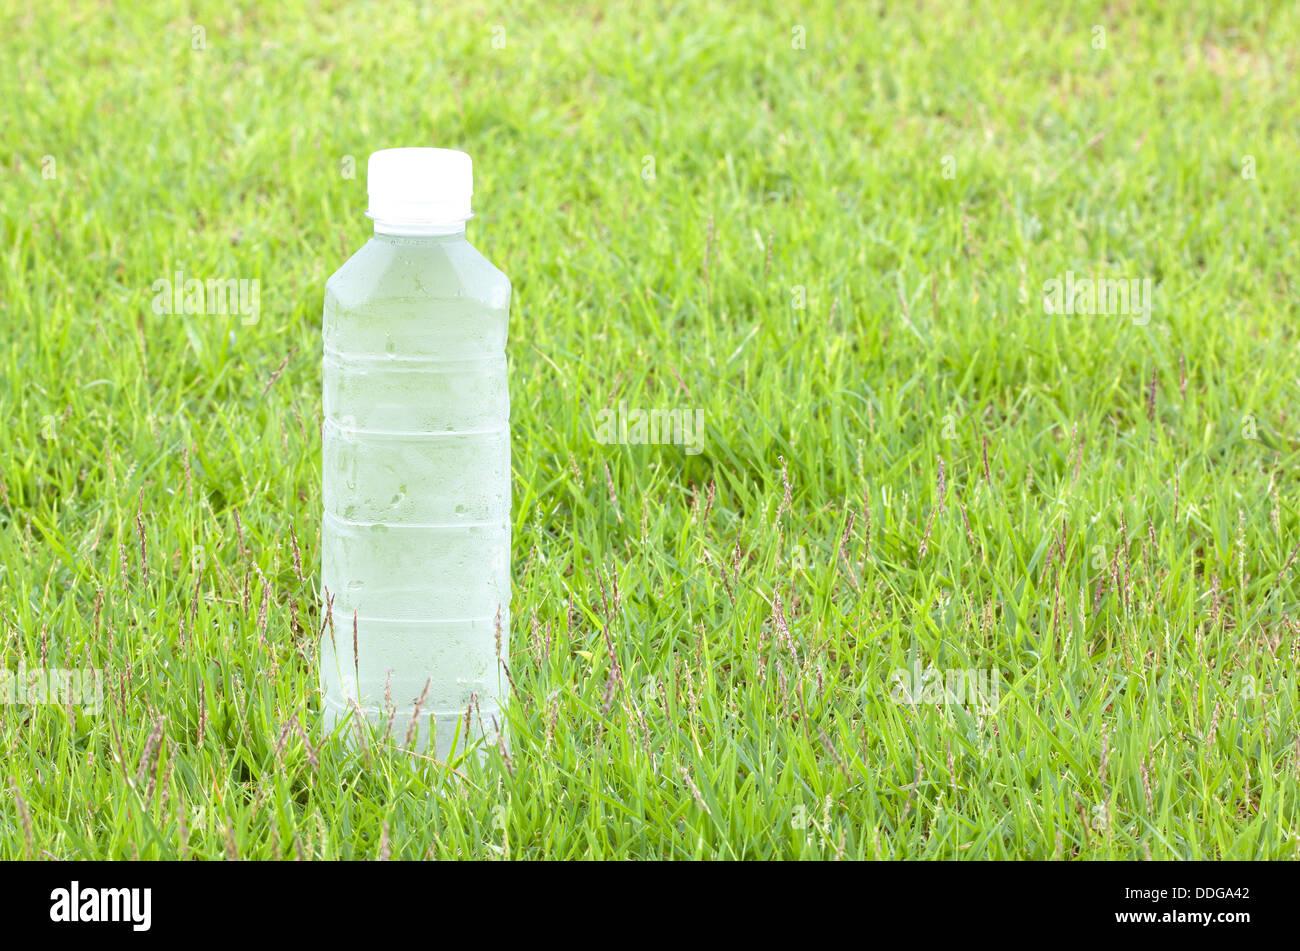 Botellas de plástico para agua fresca, calmar la sed. Fondo de hierba Imagen De Stock